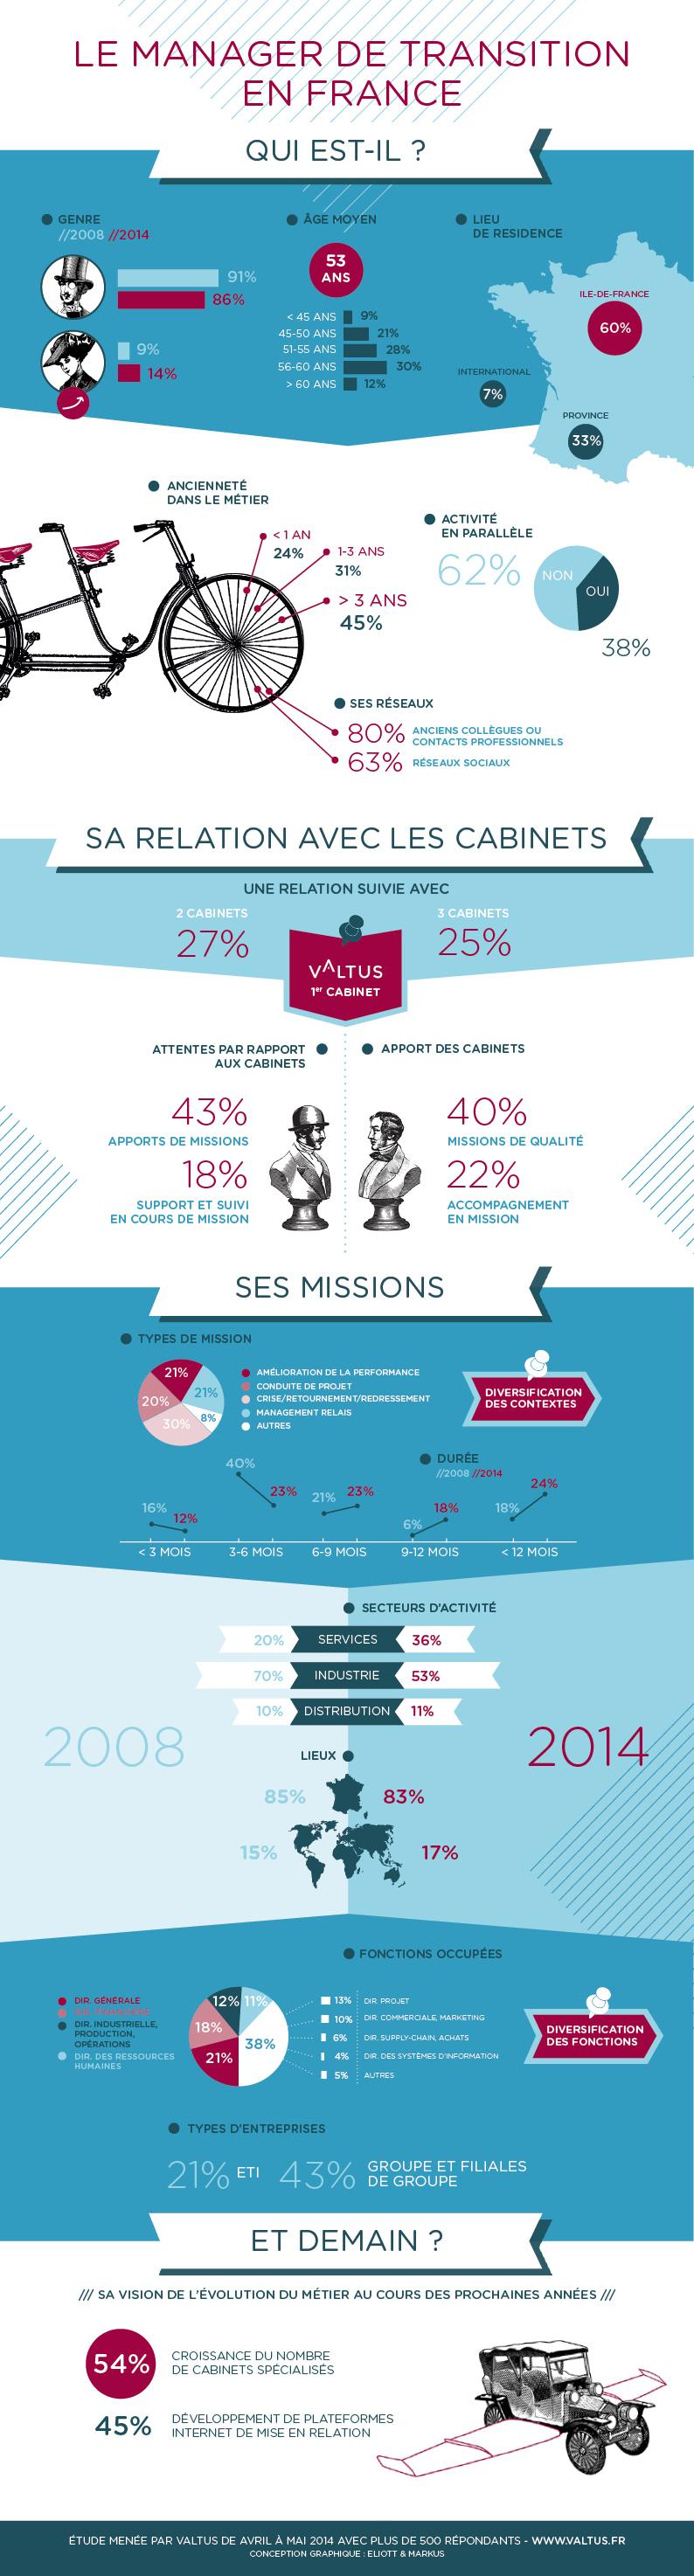 Le Manager De Transition En France Qui Est Il Valtus Sales And Marketing Infographic Management